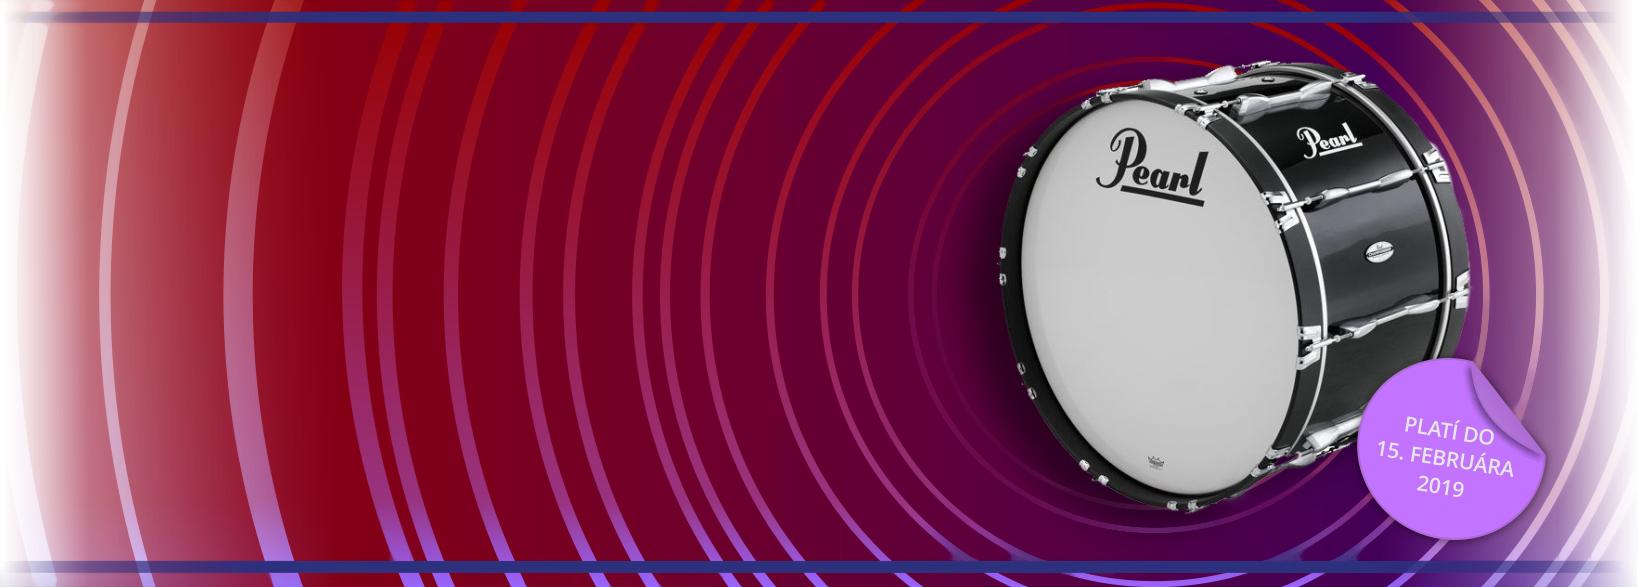 Akcia na bubny a hardware značky Pearl, zľavy až 20%